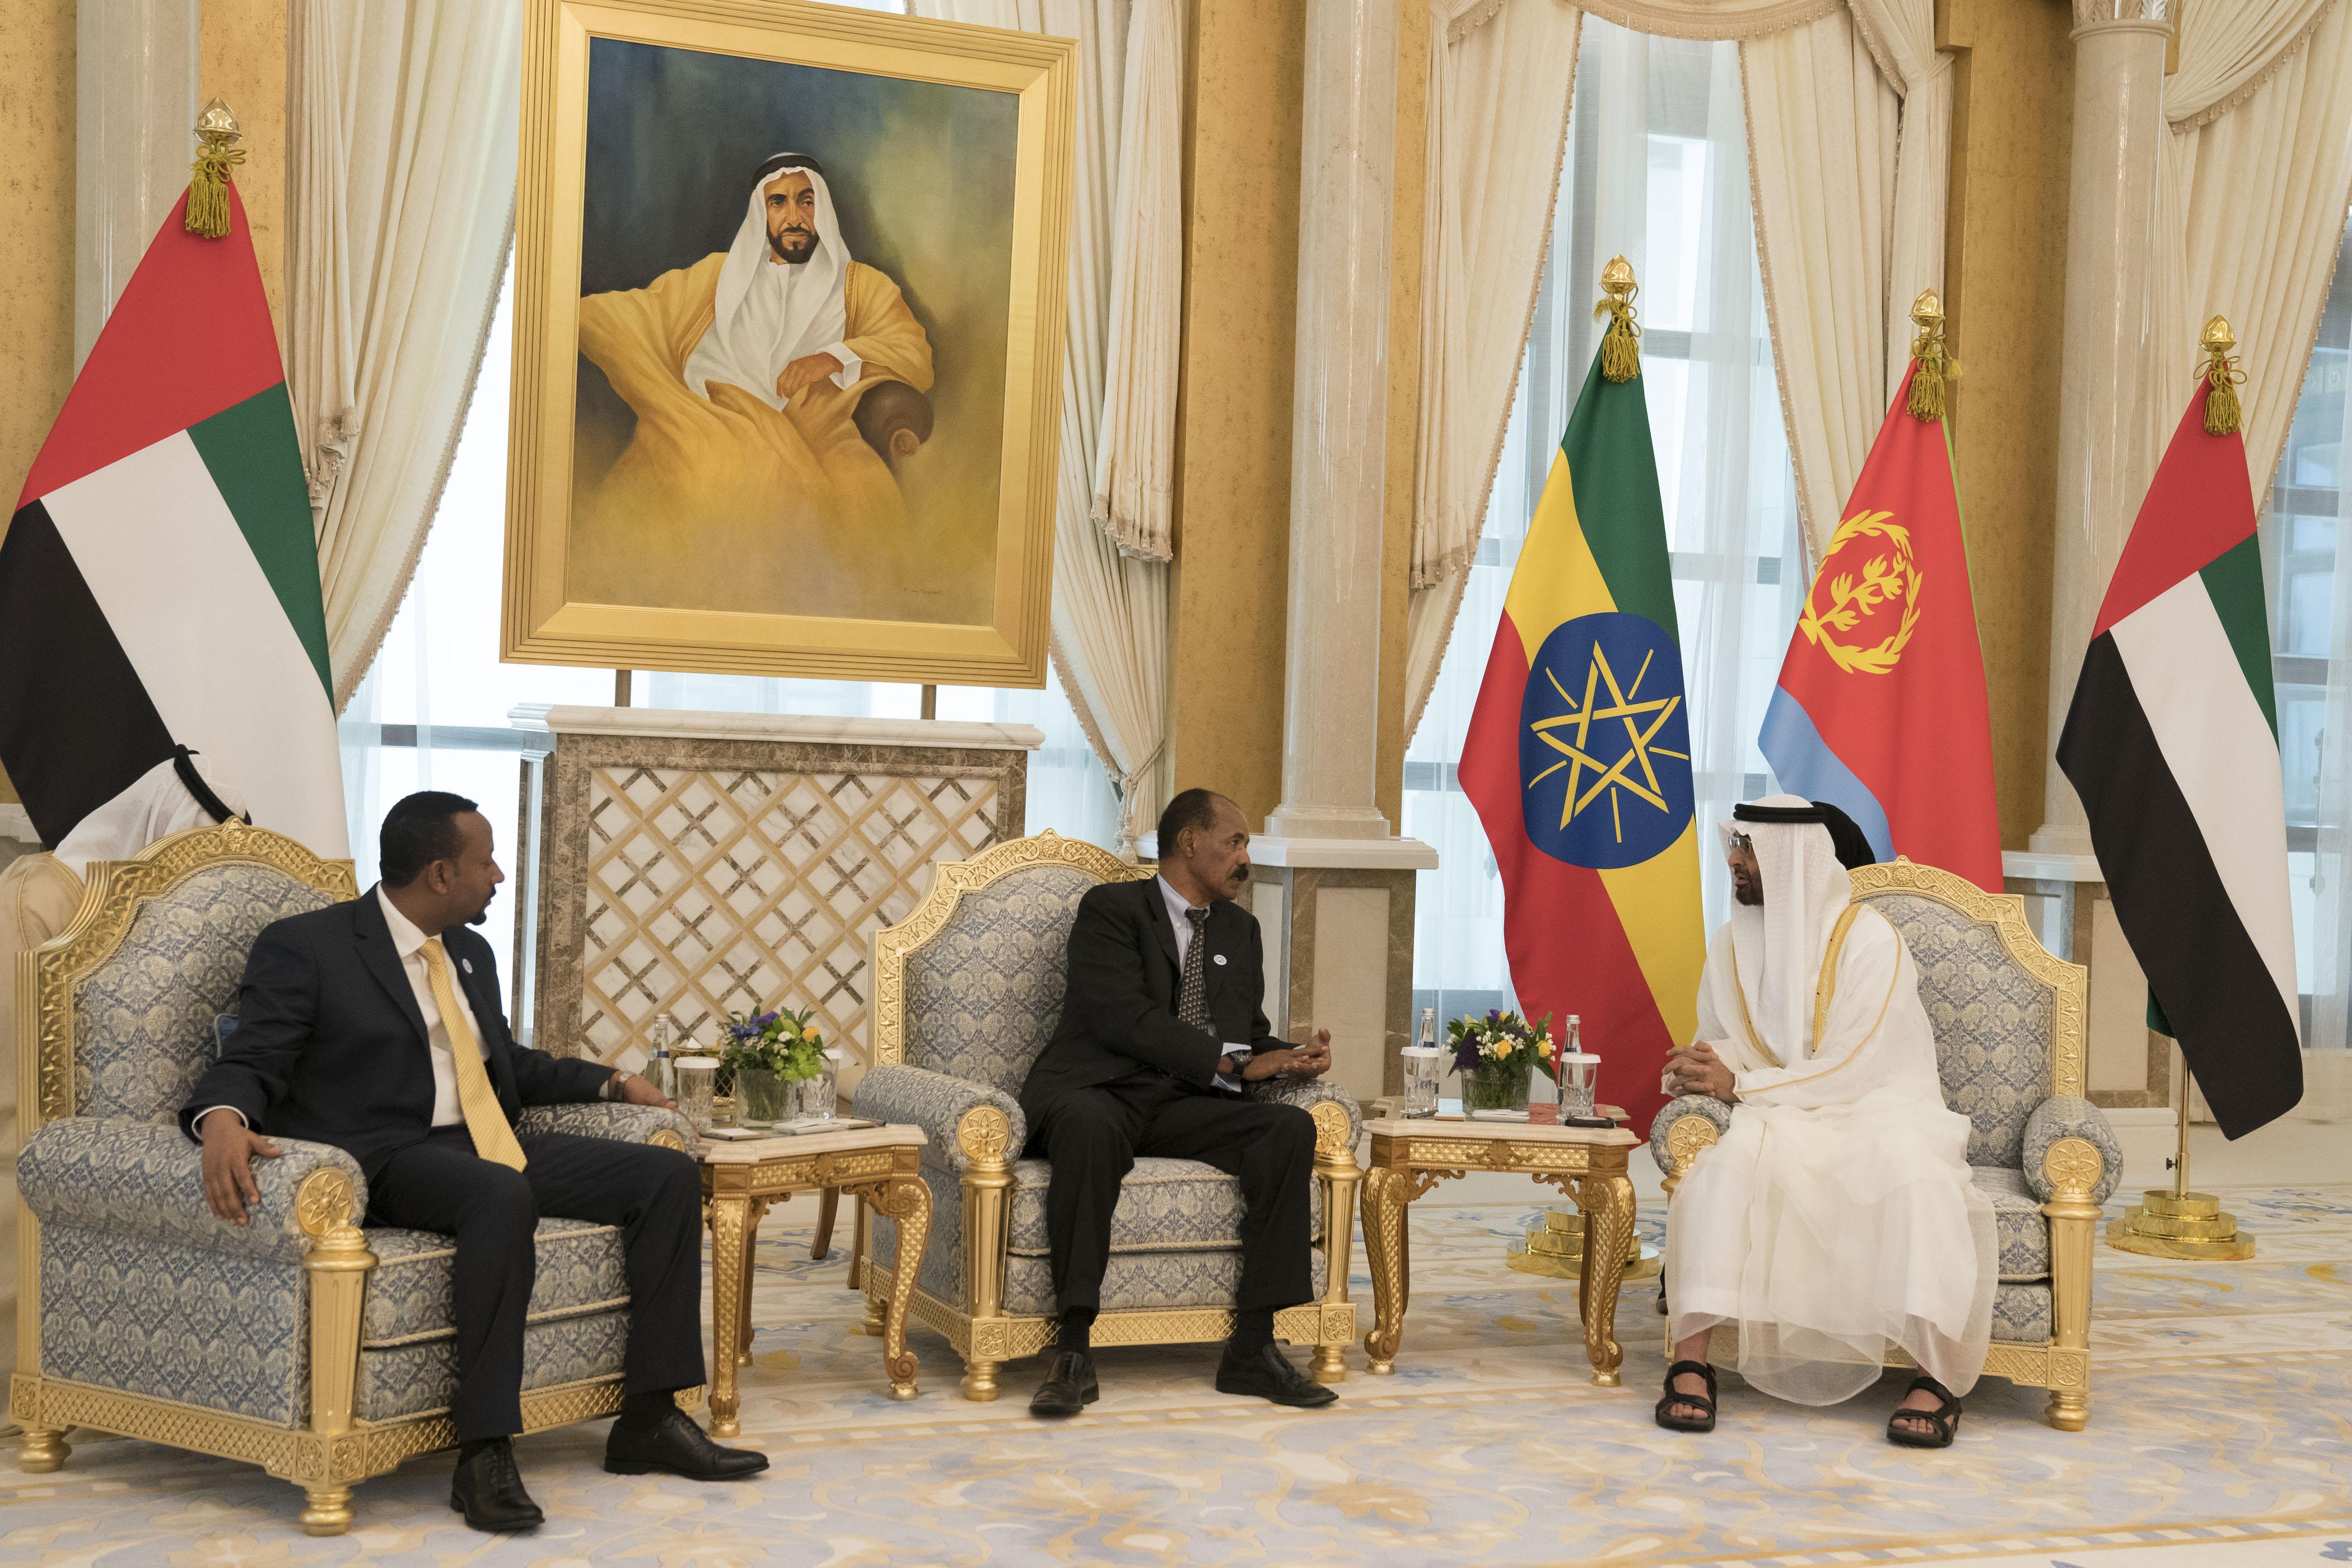 قمة ثلاثية بين رئيس أريتريا ورئيس وزراء أثيوبيا وولي عهد أبوظبي 3